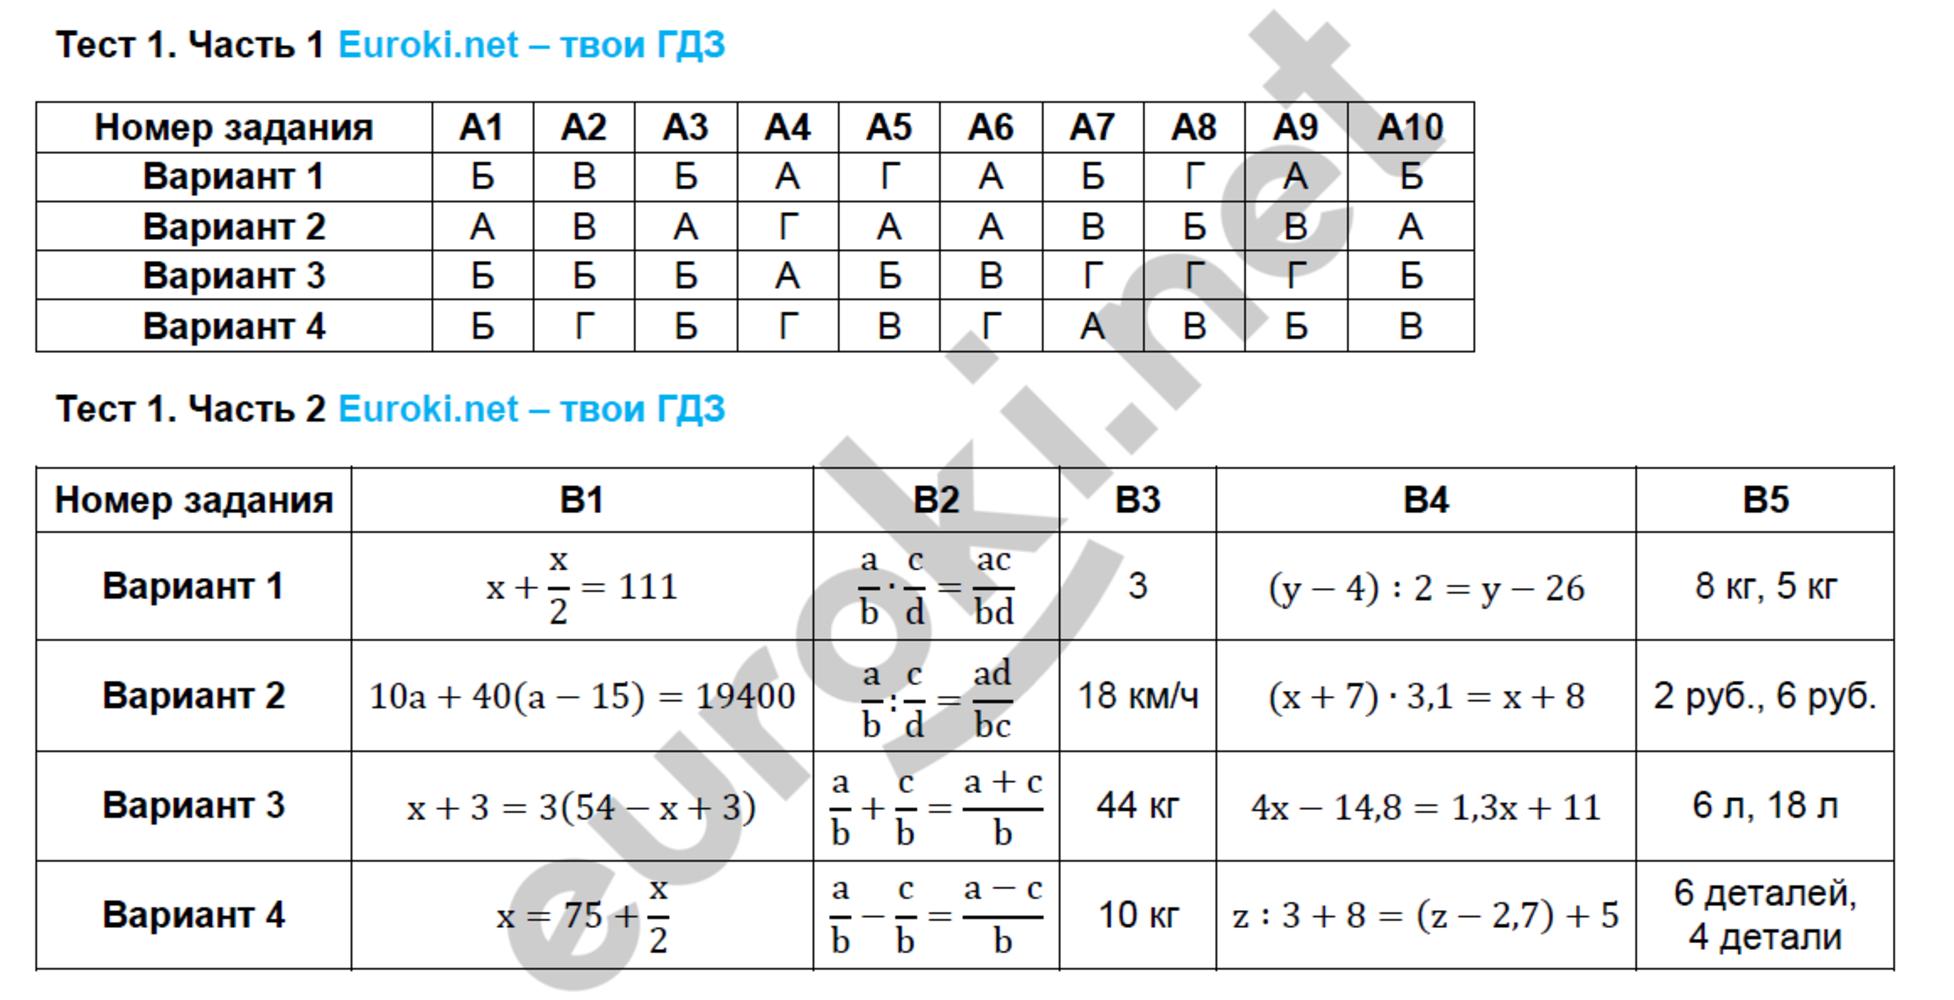 ГДЗ по алгебре 7 класс тесты Ключникова, Комиссарова. К учебнику Мордковича Экзамен ответы и решения онлайн. Задание: Тест 1